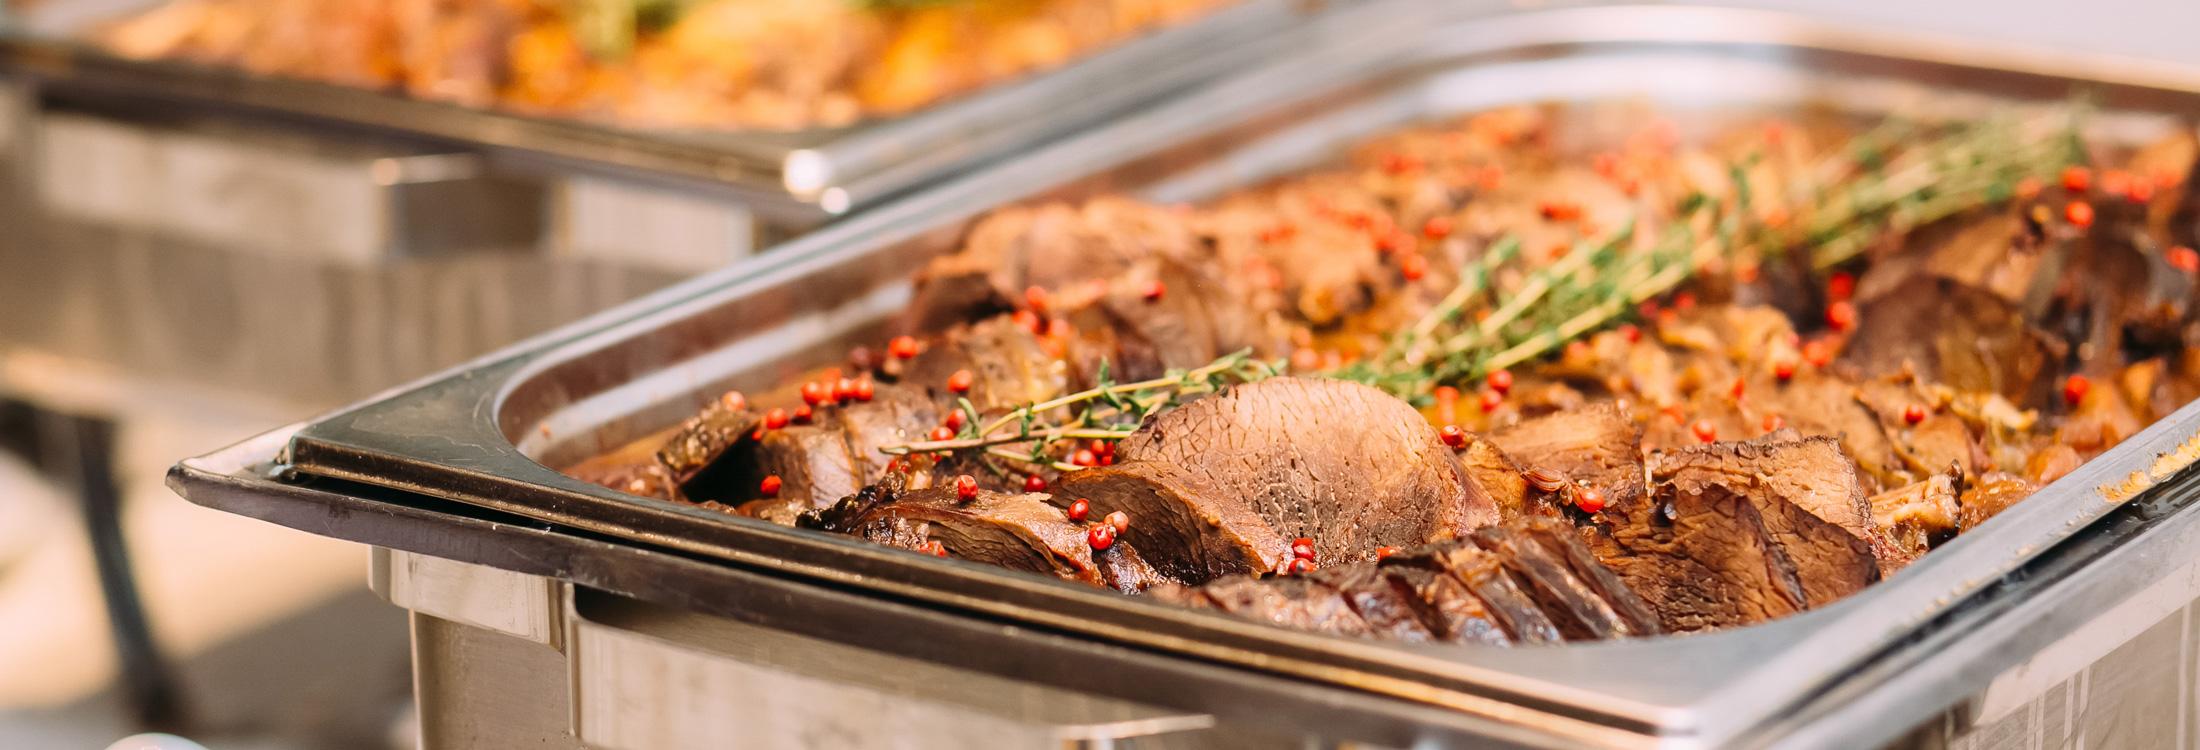 Partyservice und Catering Metzgerei Braun Konken